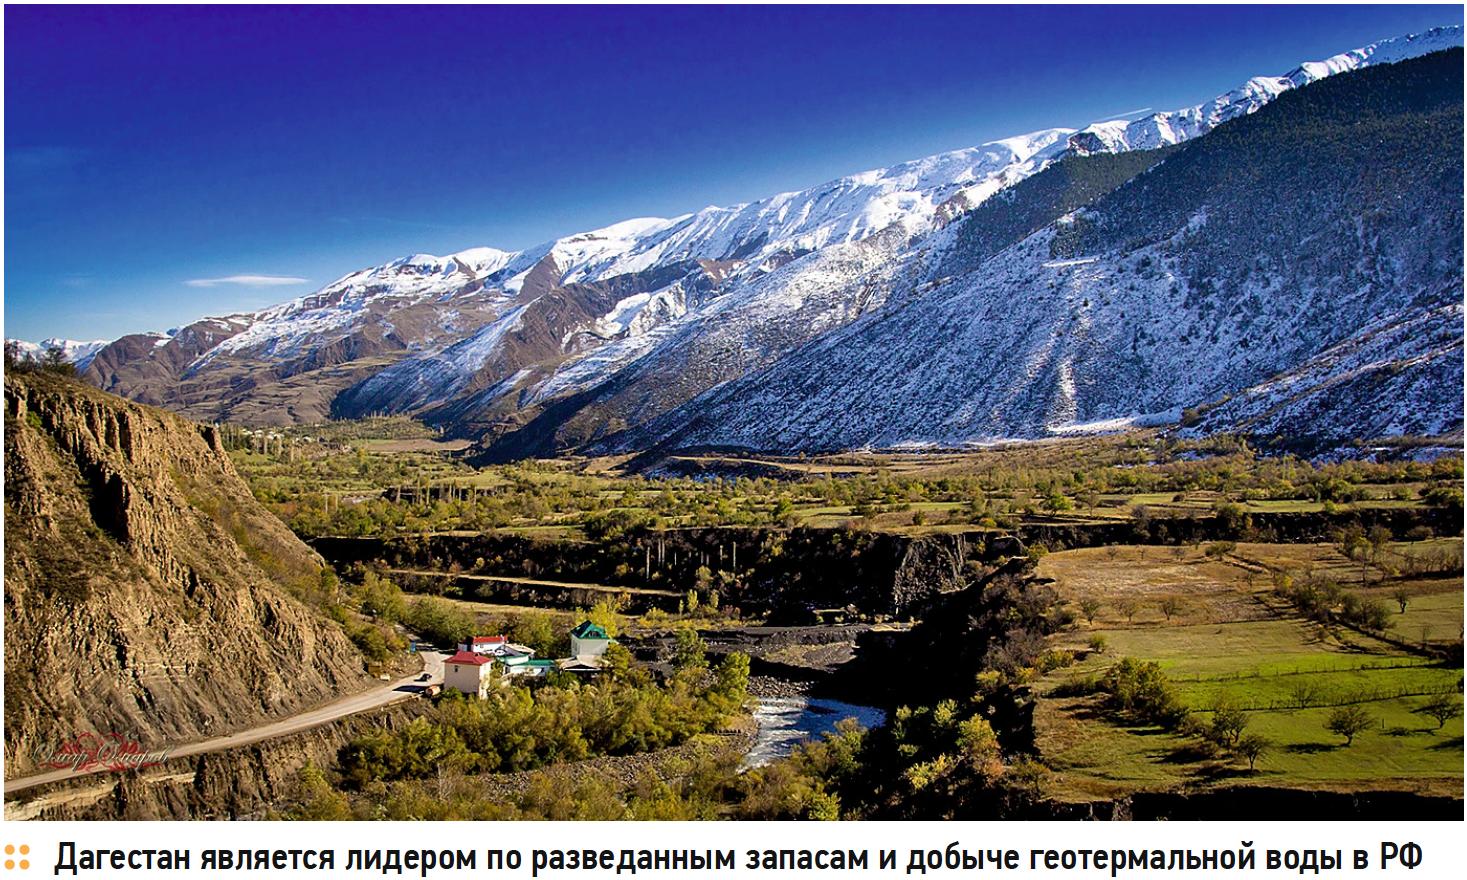 Дагестан является лидером по разведанным запасам и добыче геотермальной воды в РФ